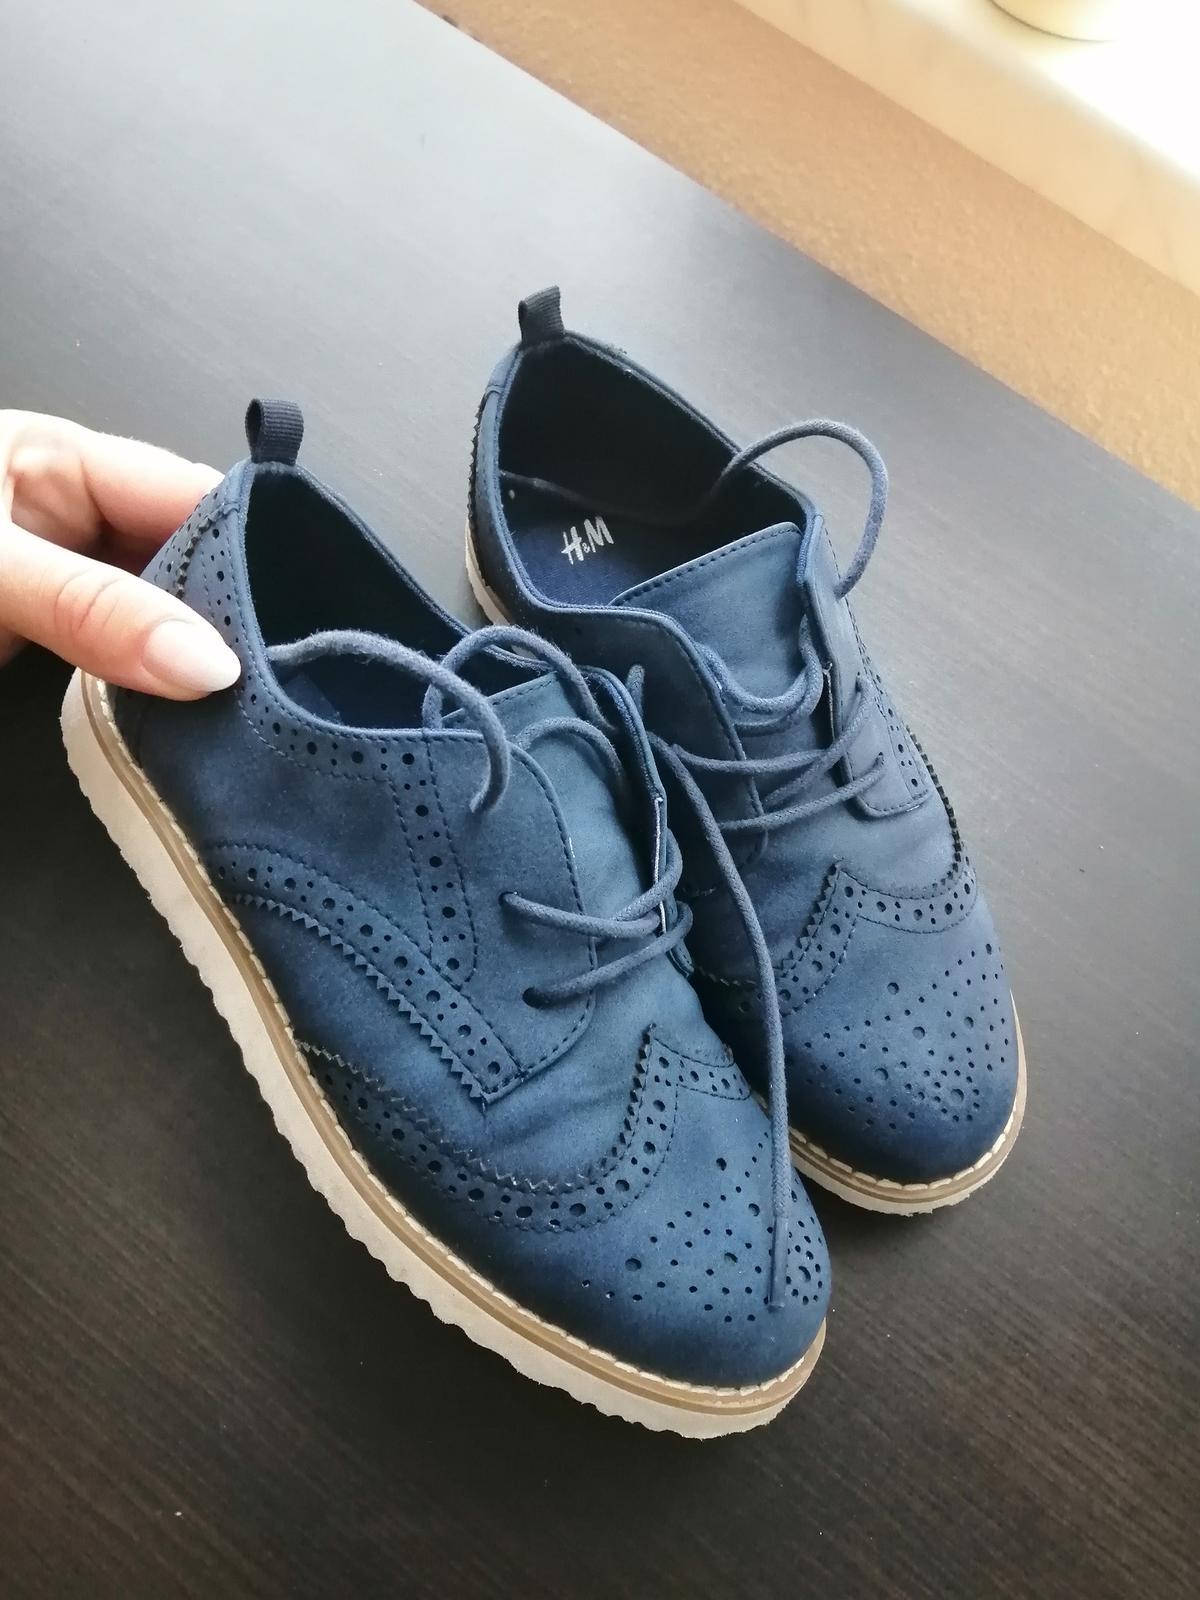 Chlapčenské topánky - Obrázok č. 2